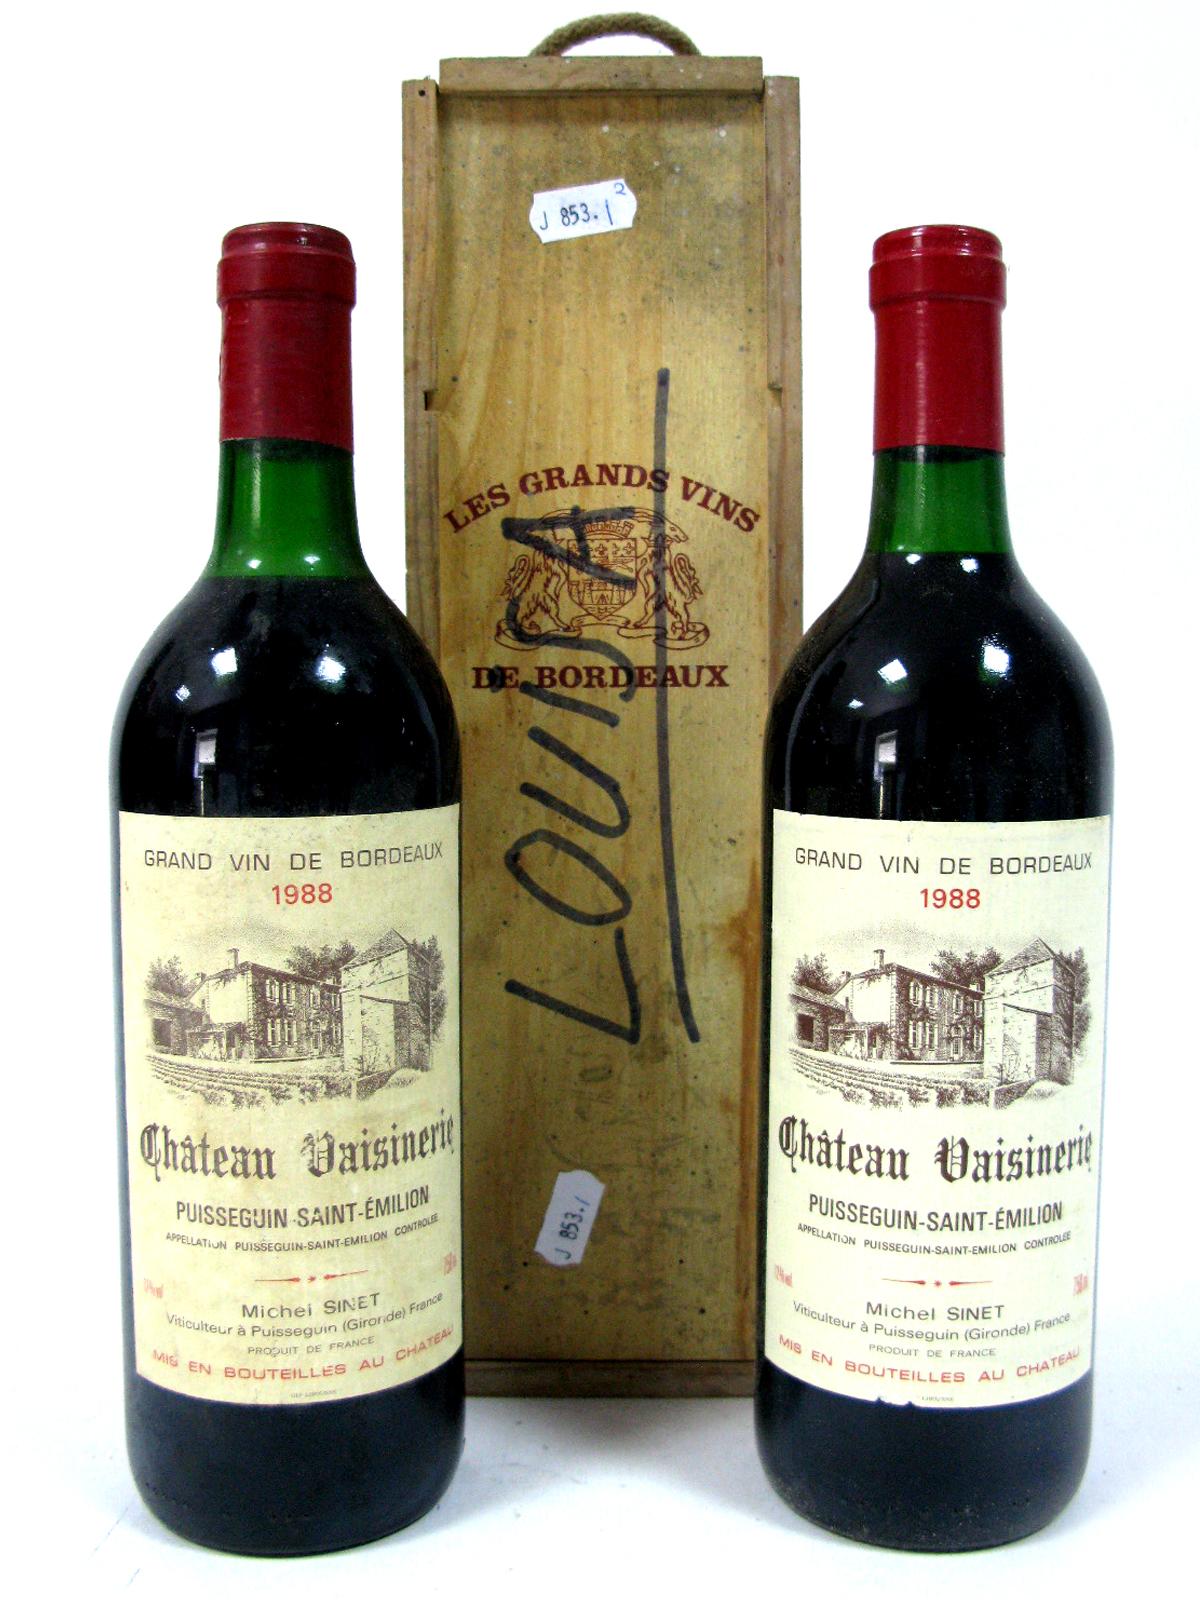 Lot 17 - Wine - Chateau Vaisinerie Grand Vin De Bordeau 1988, Puisseguin Saint Emilion, 750ml, 12% Vol. (2,